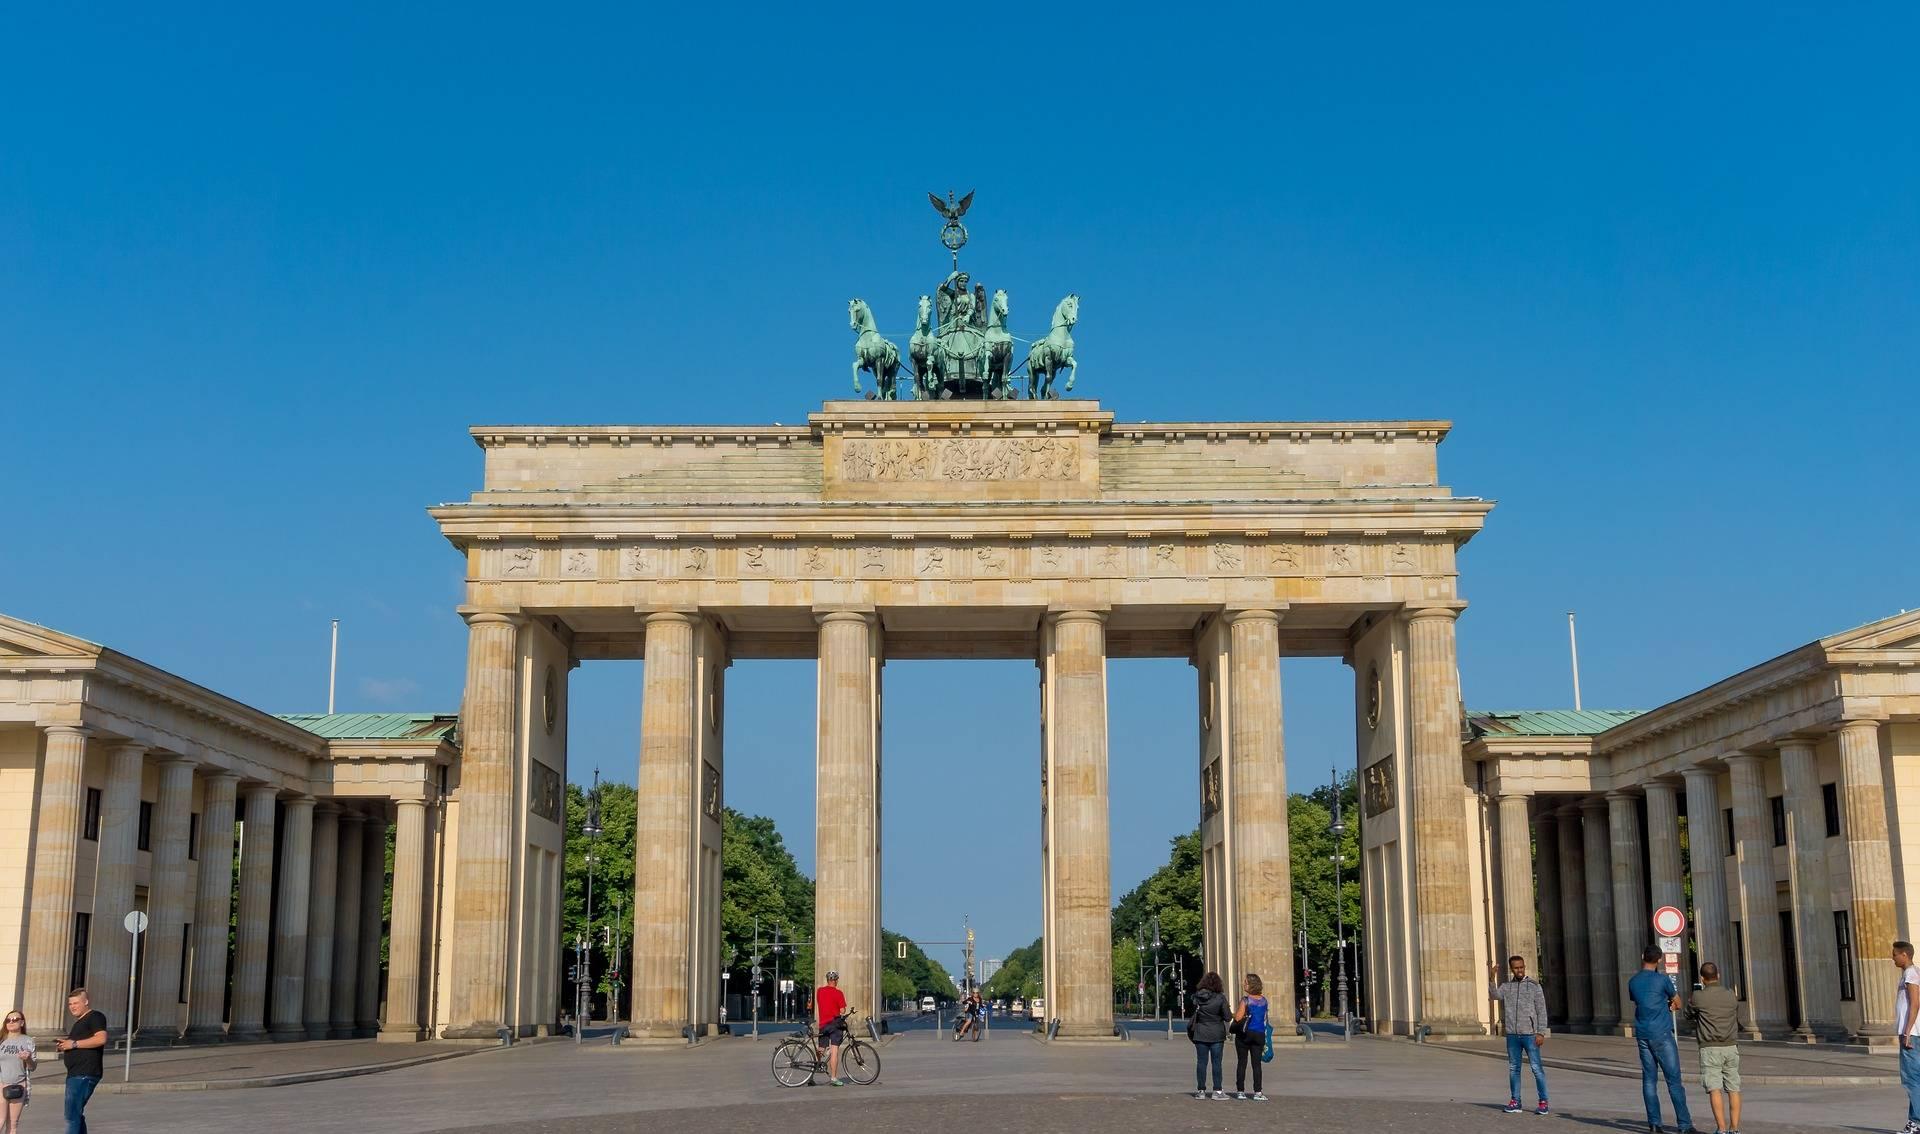 Бранденбургские ворота, или ворота мира в берлине. фото